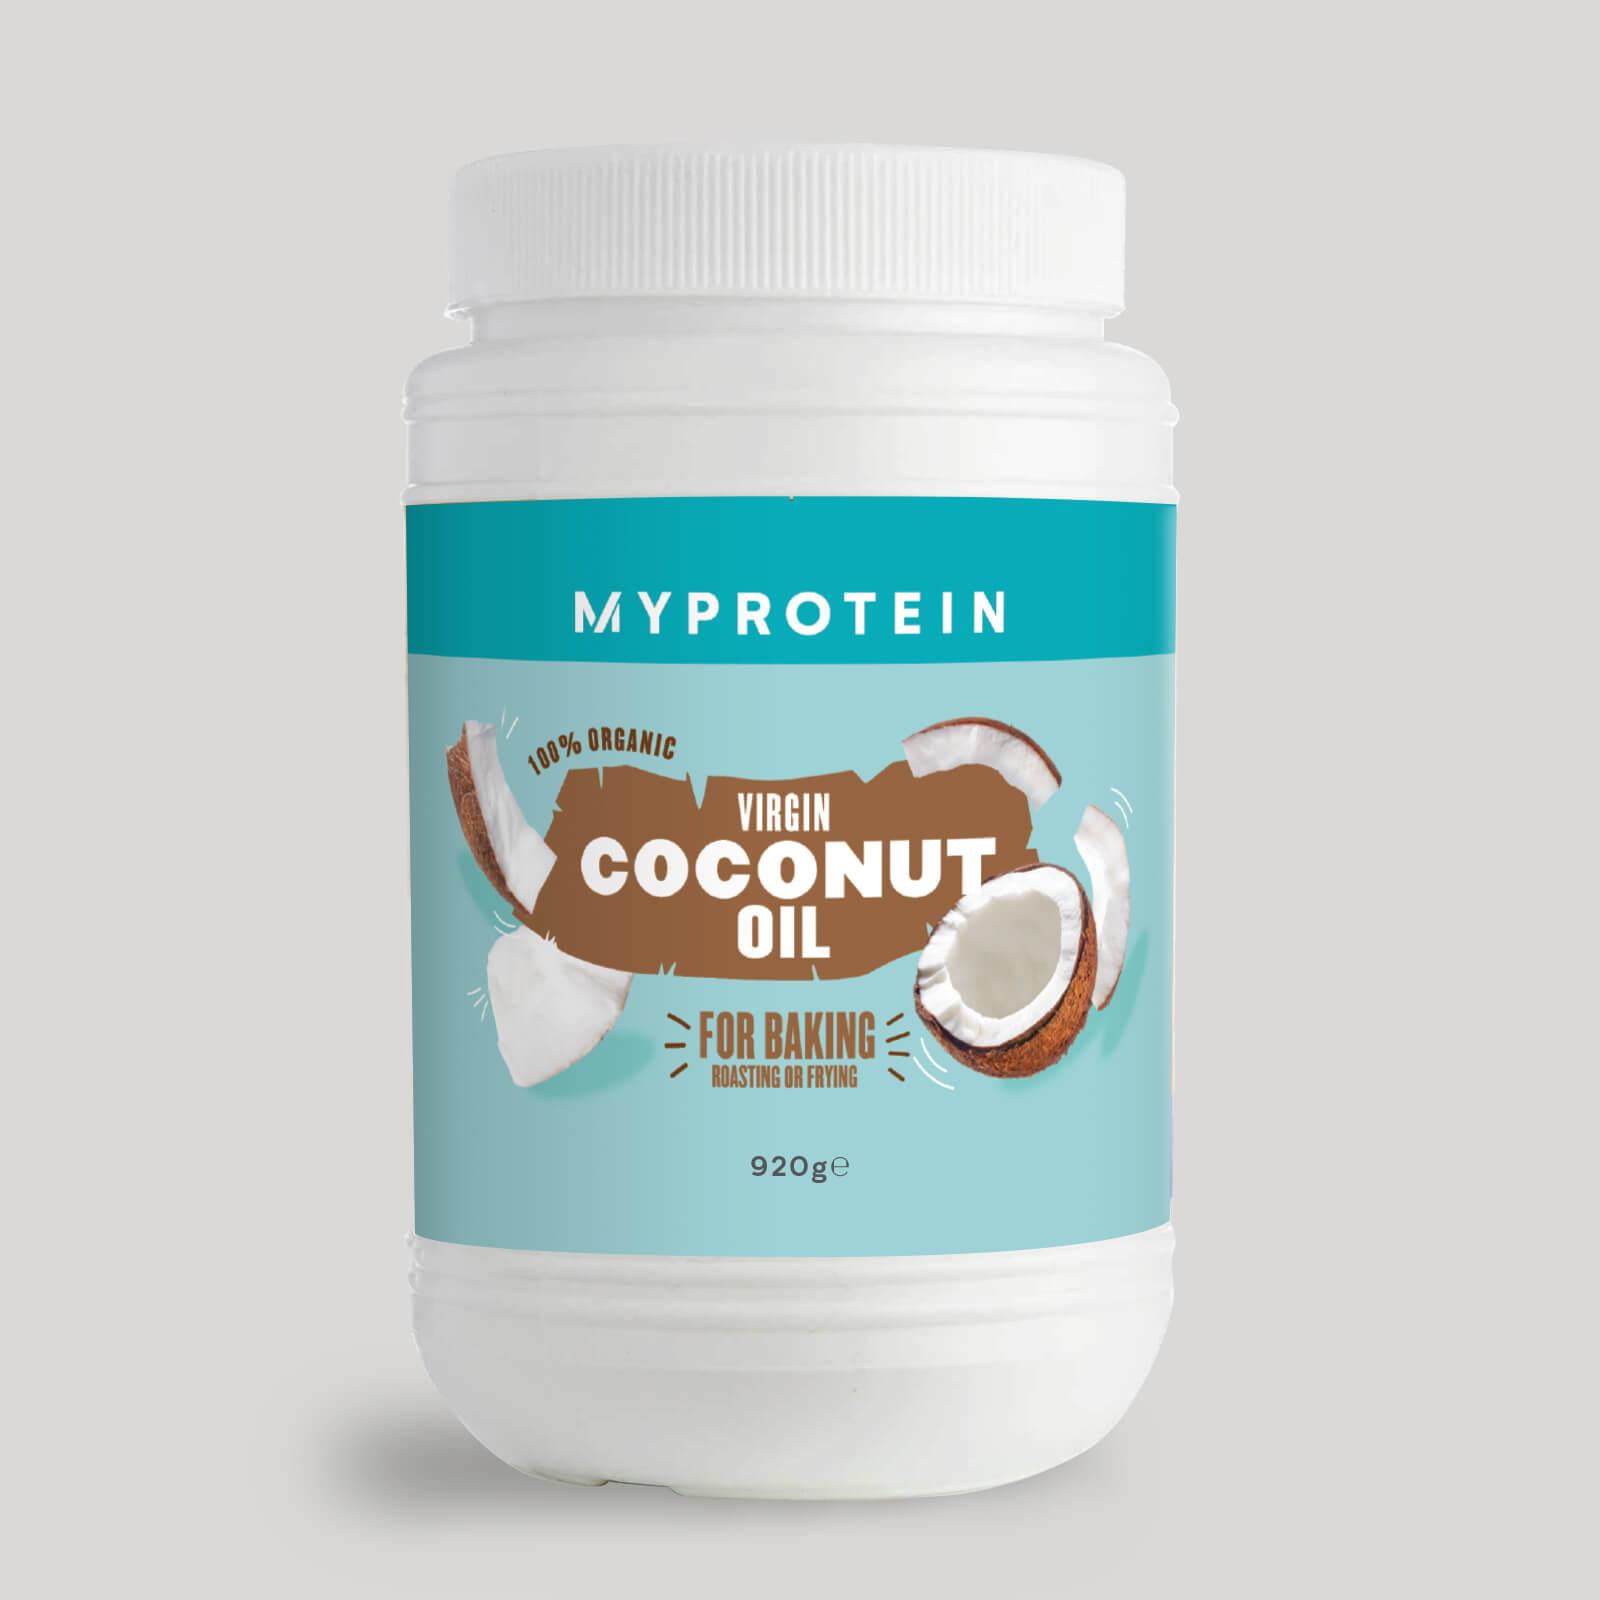 Myprotein Coconpure (Huile de coco) - 920g